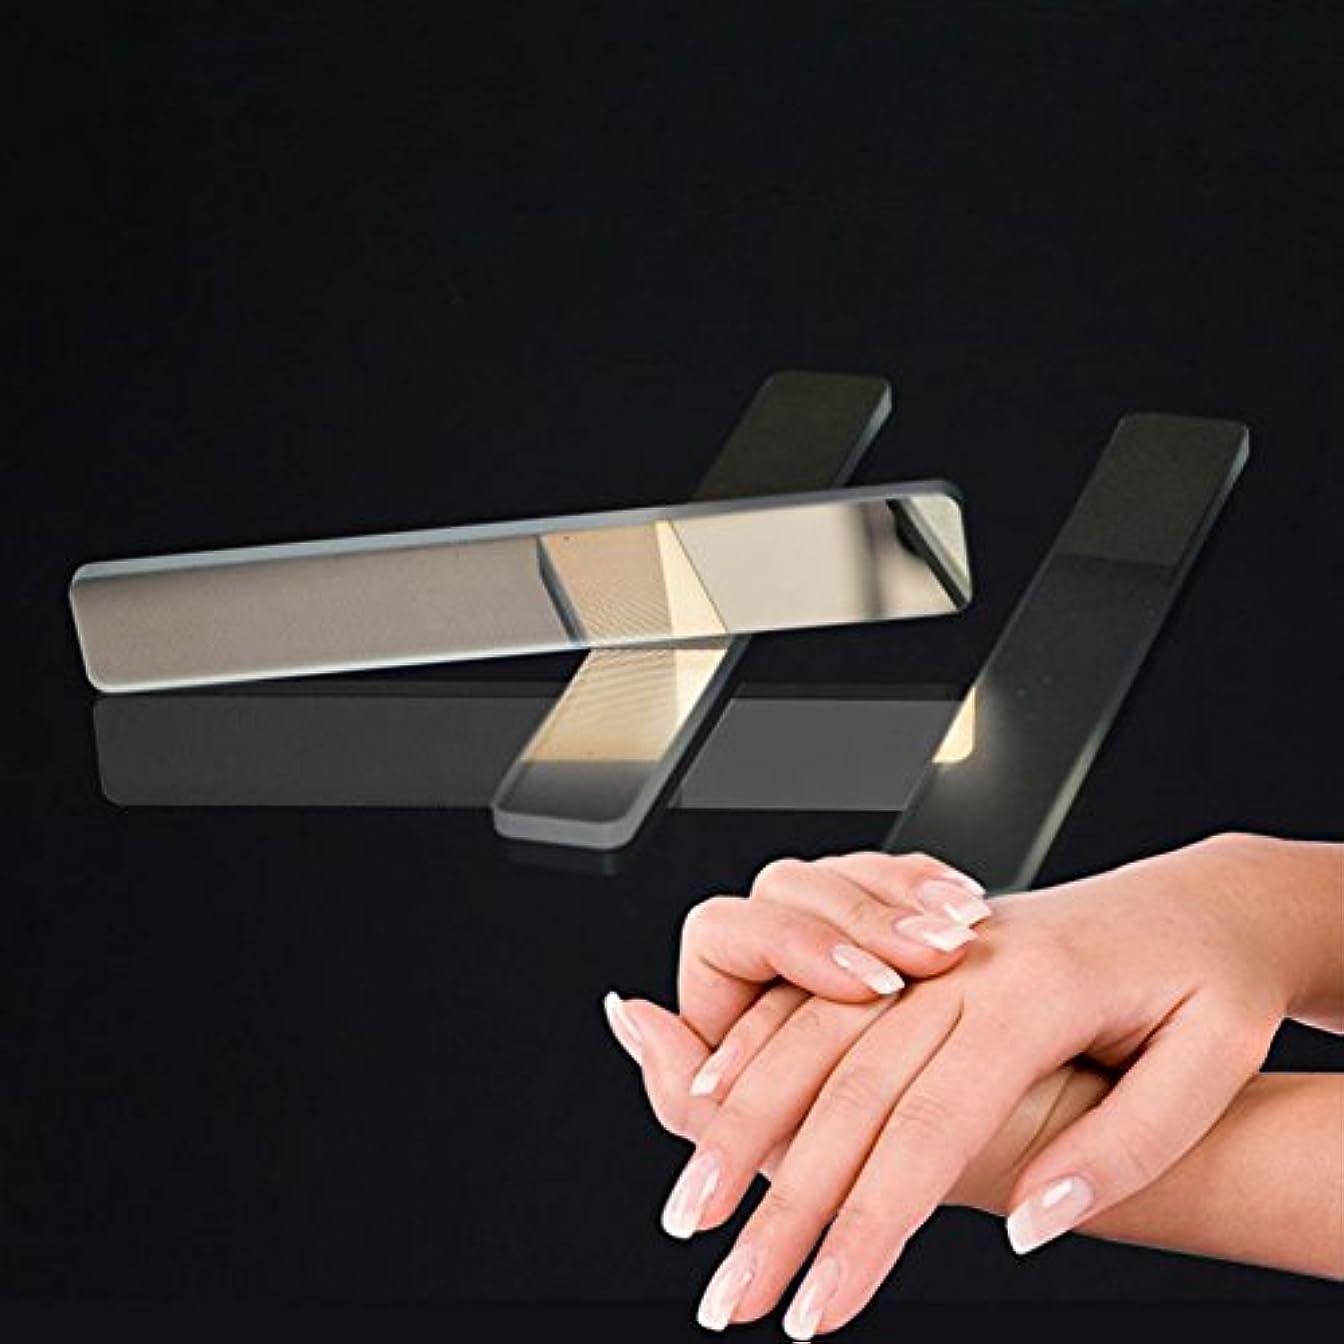 中央値ひそかに再生可能爪やすり WUUDI 爪磨き ガラス爪ヤスリ ネイルファイル ネイルシャイナー つめケア ガラス製 ネイルケア 甘皮処理 (白)